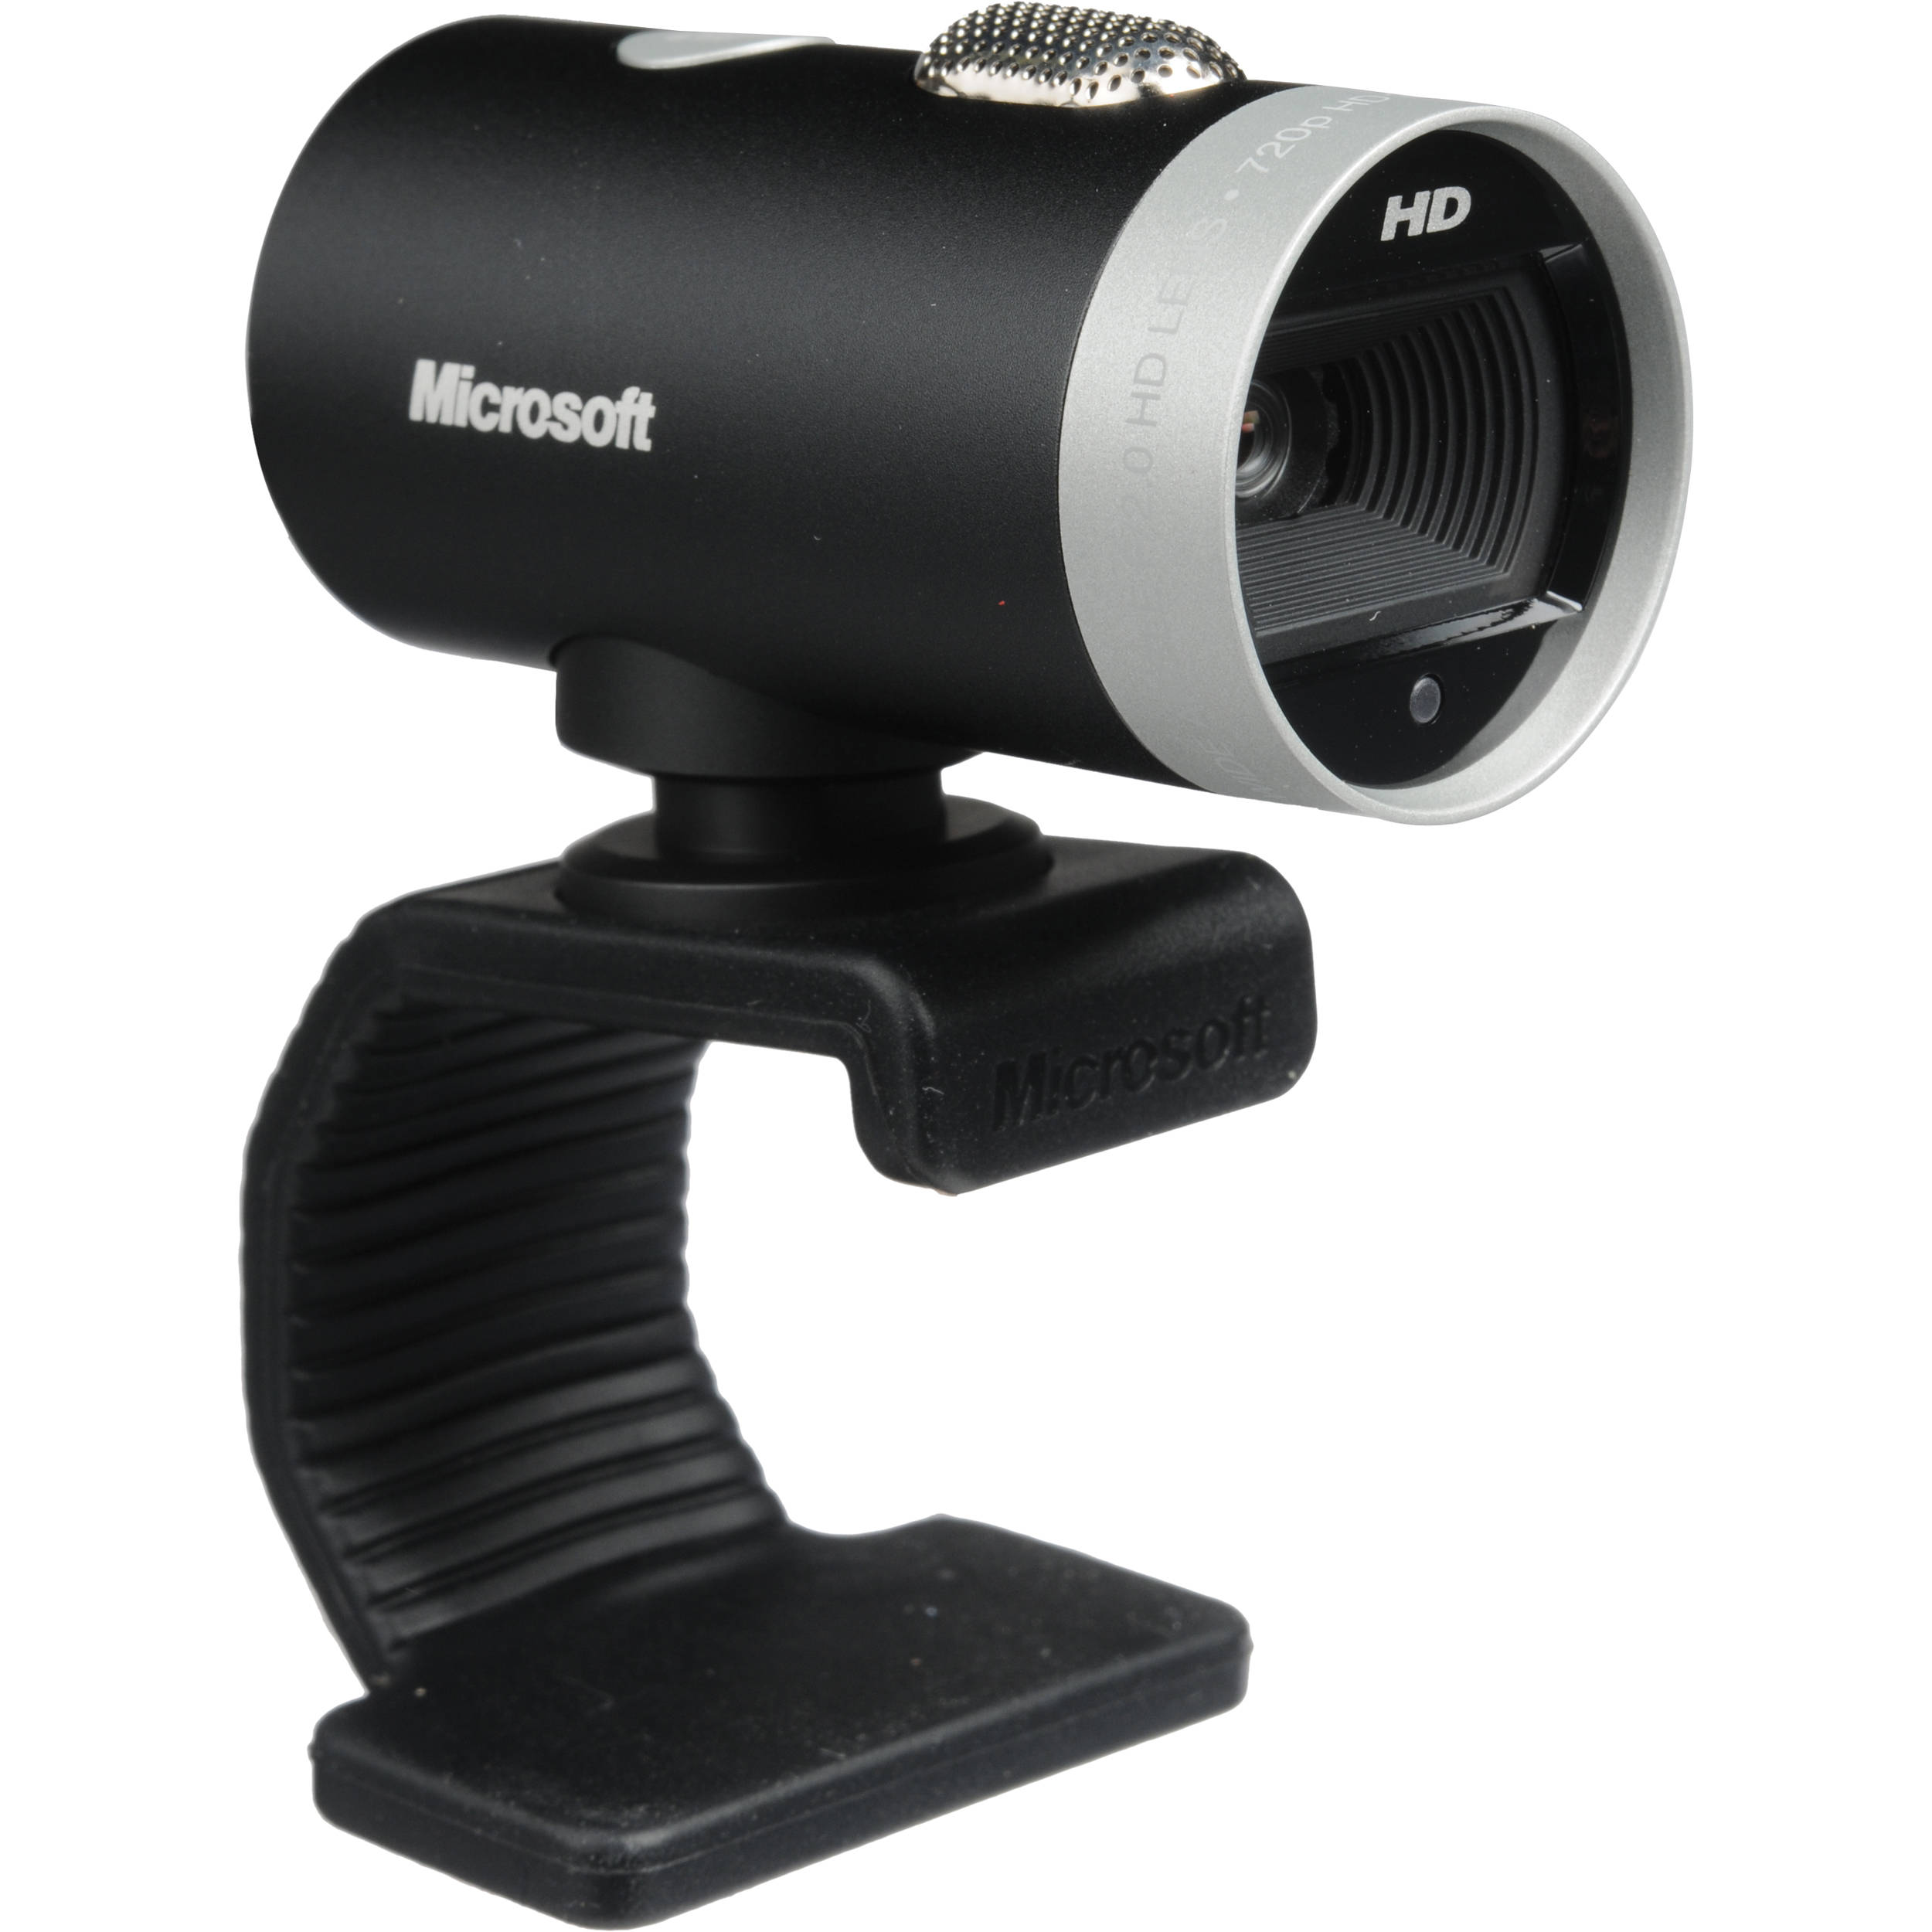 Black Brand New Microsoft LifeCam Cinema 720p HD Webcam for Business